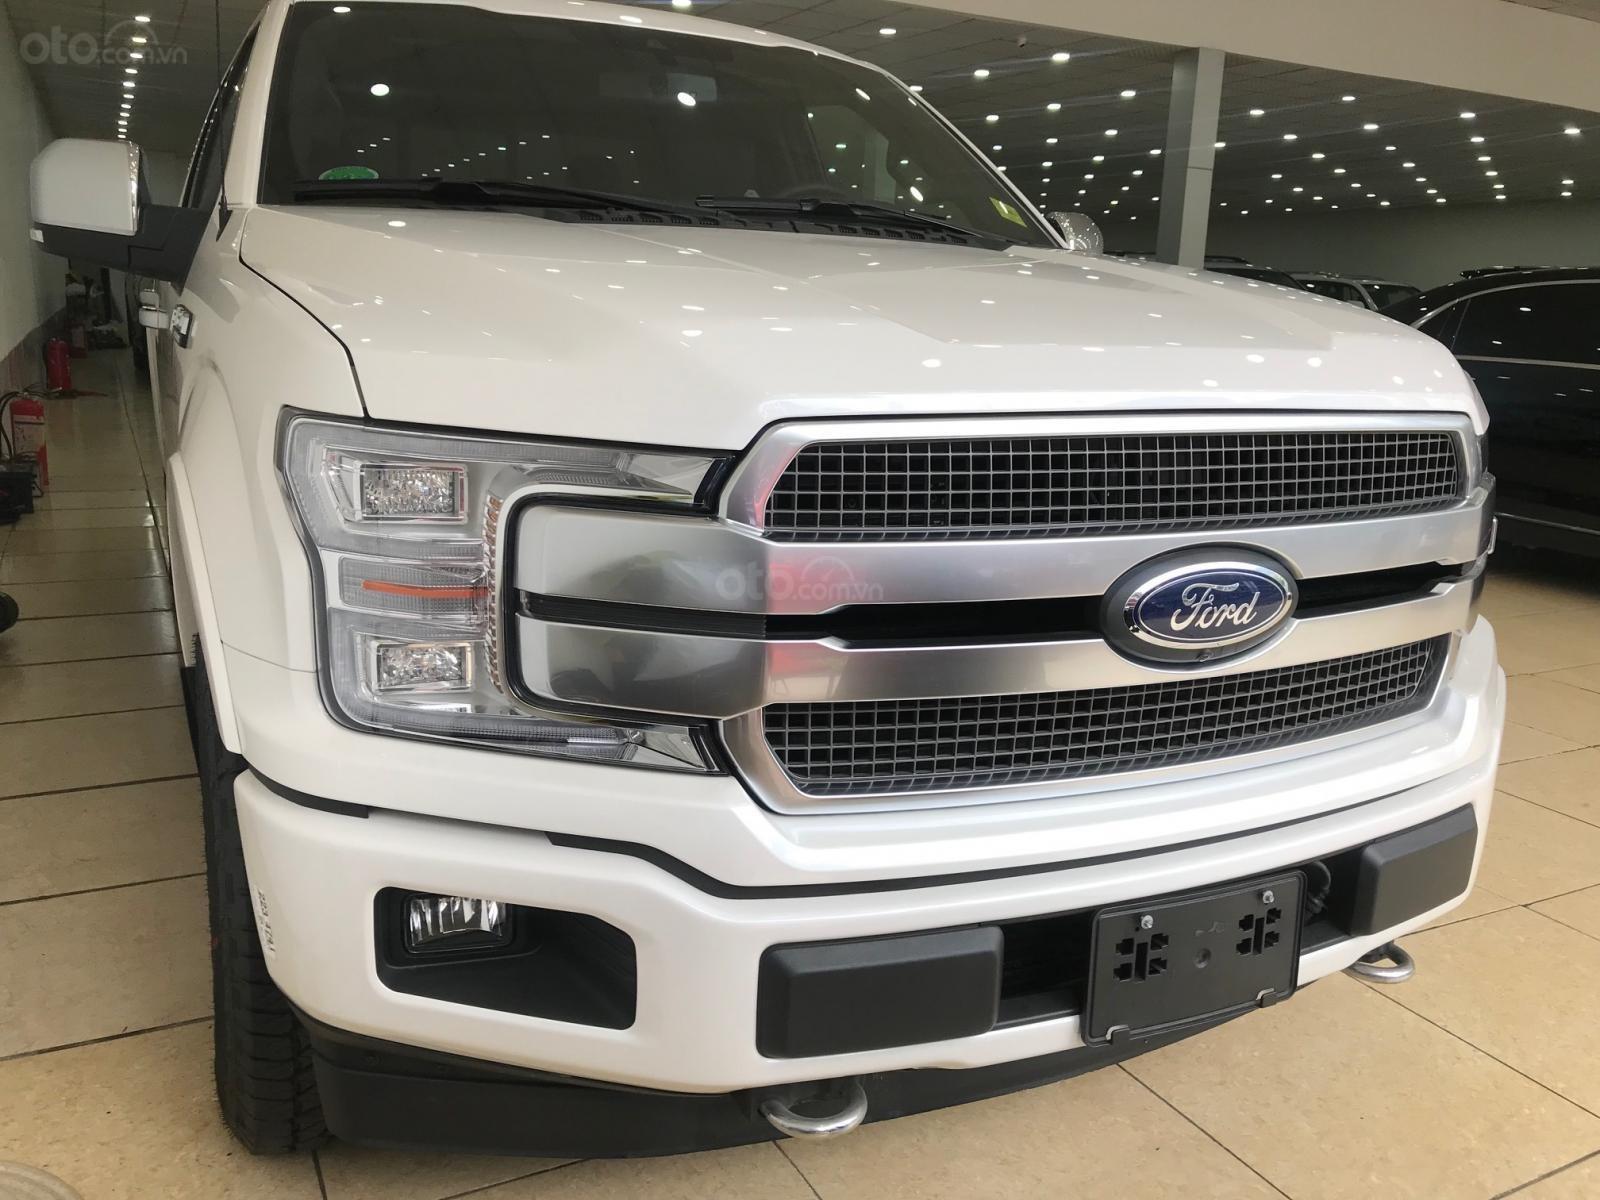 Bán Ford F 150 sản xuất Mỹ, đẳng cấp bán tải, xe giao ngay, LH 0904754444 (14)